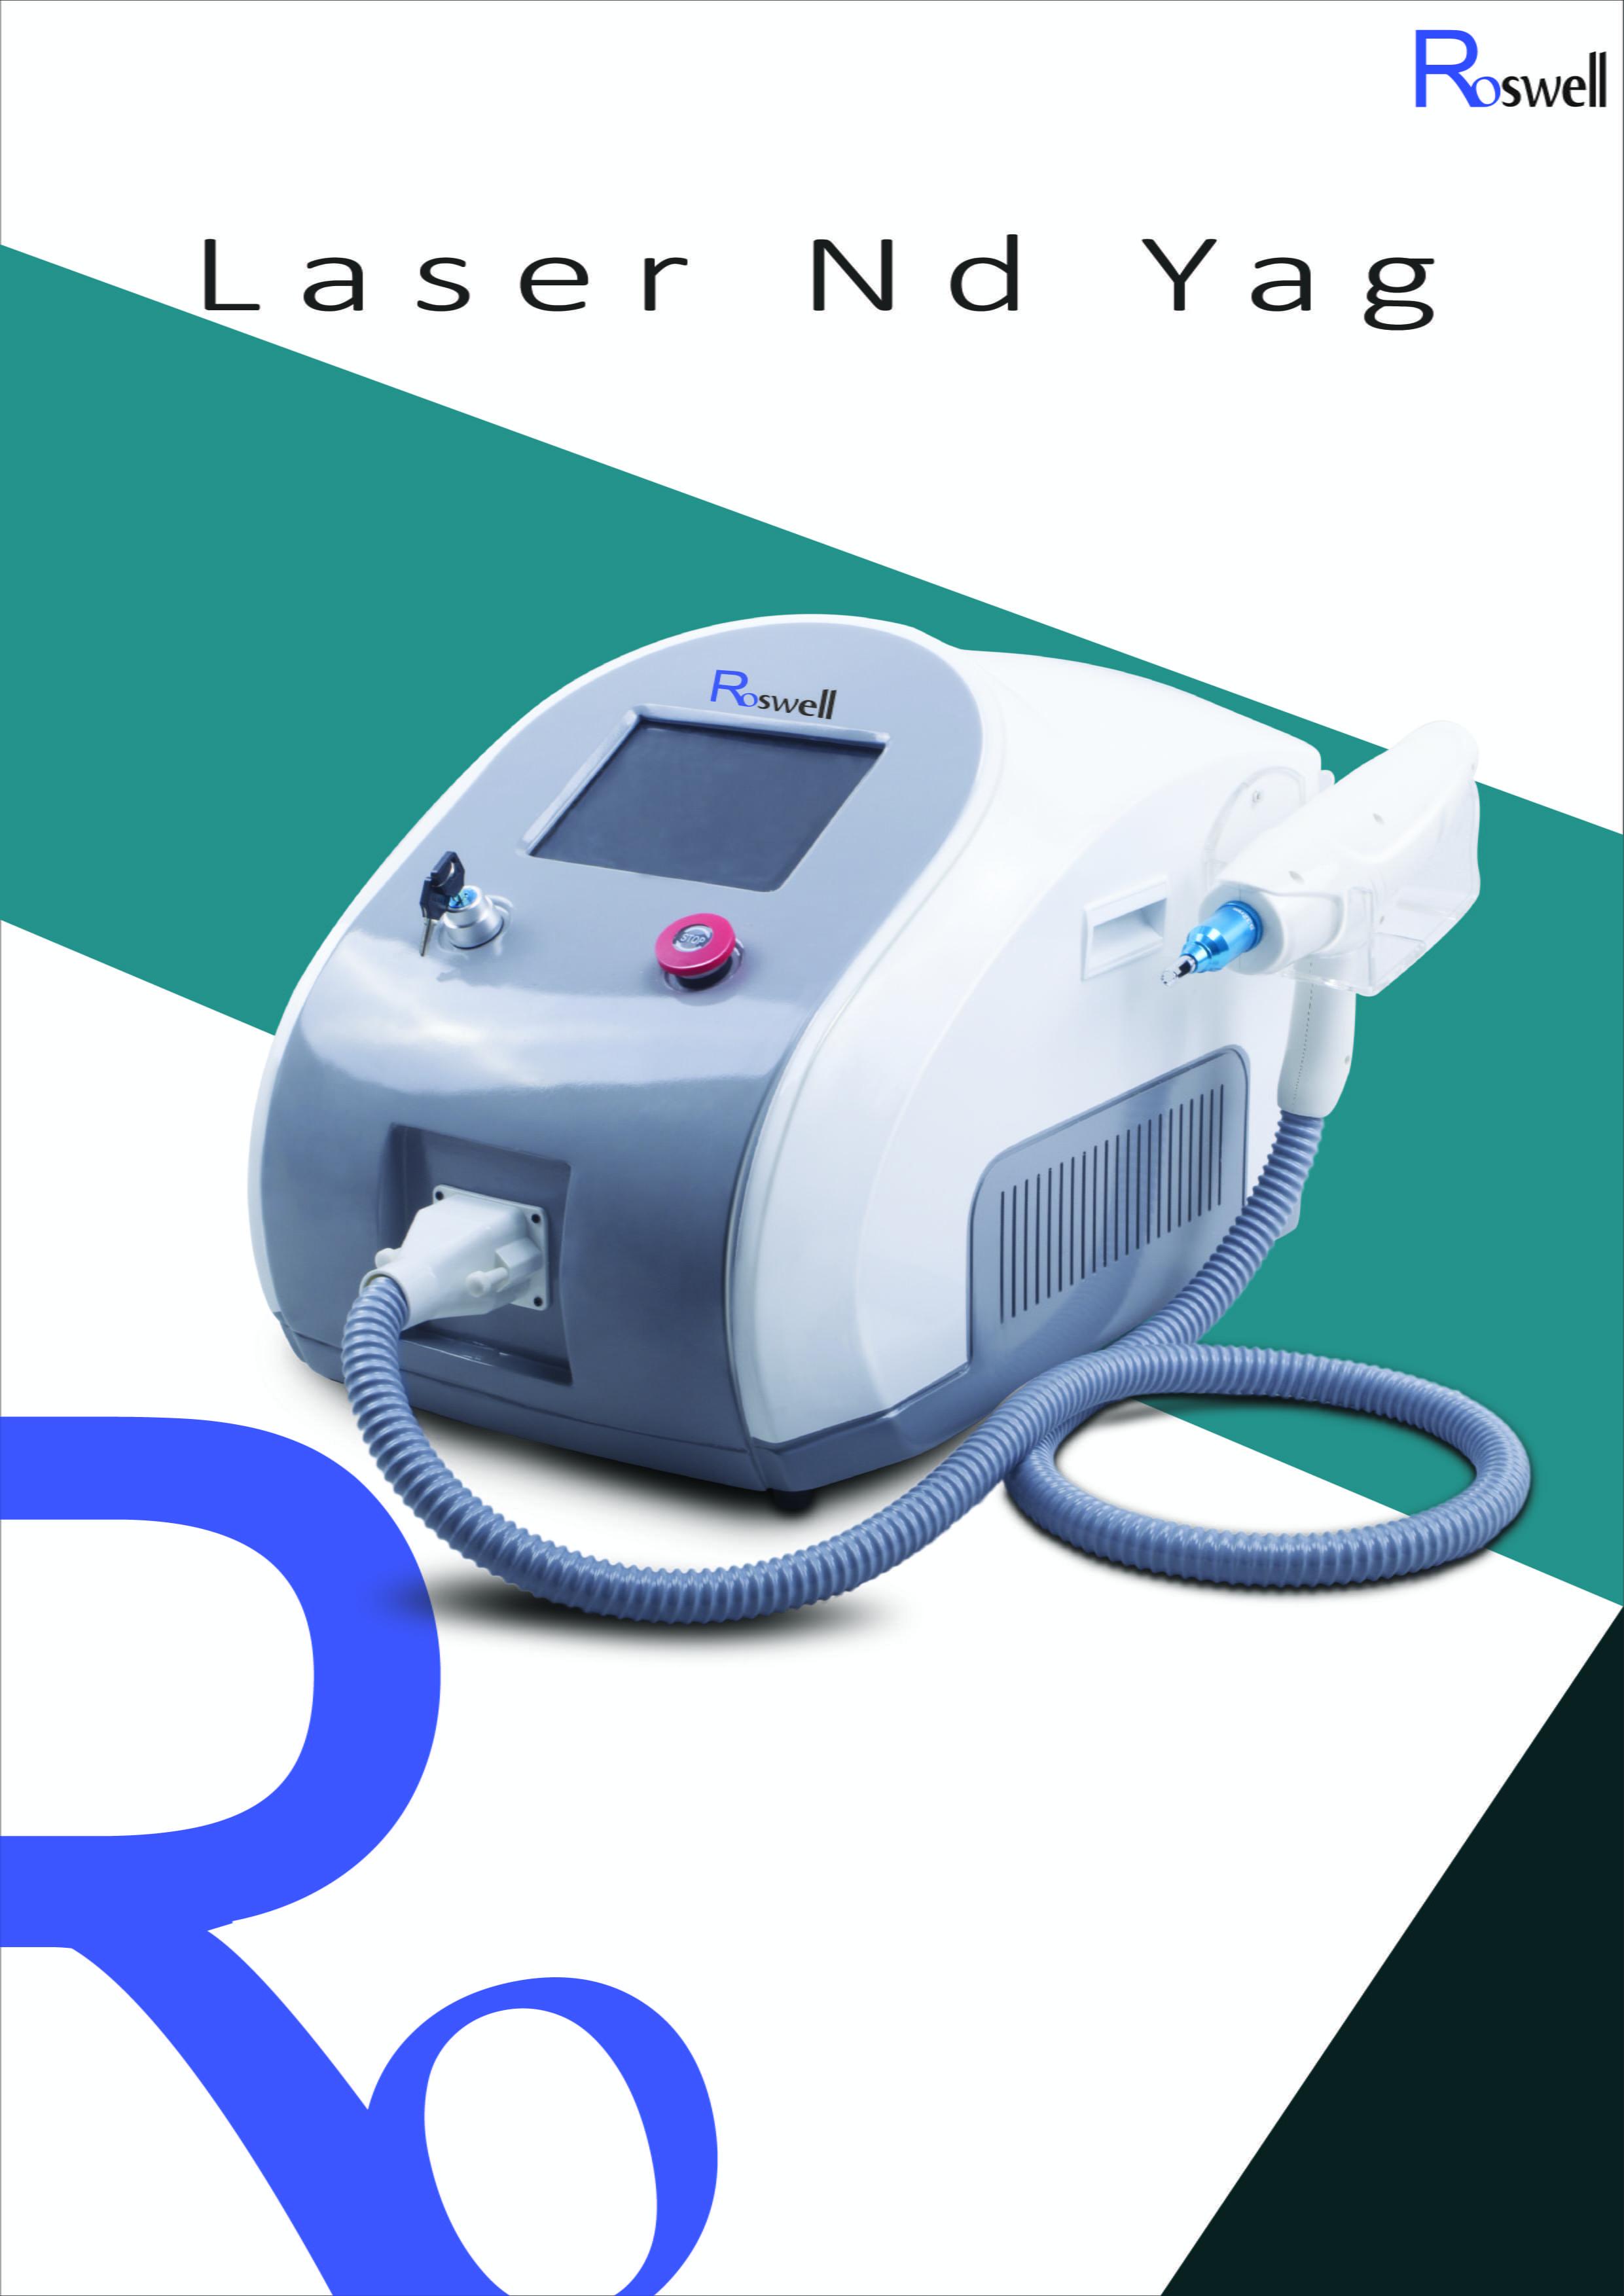 máy laser xóa xăm nd yag roswell